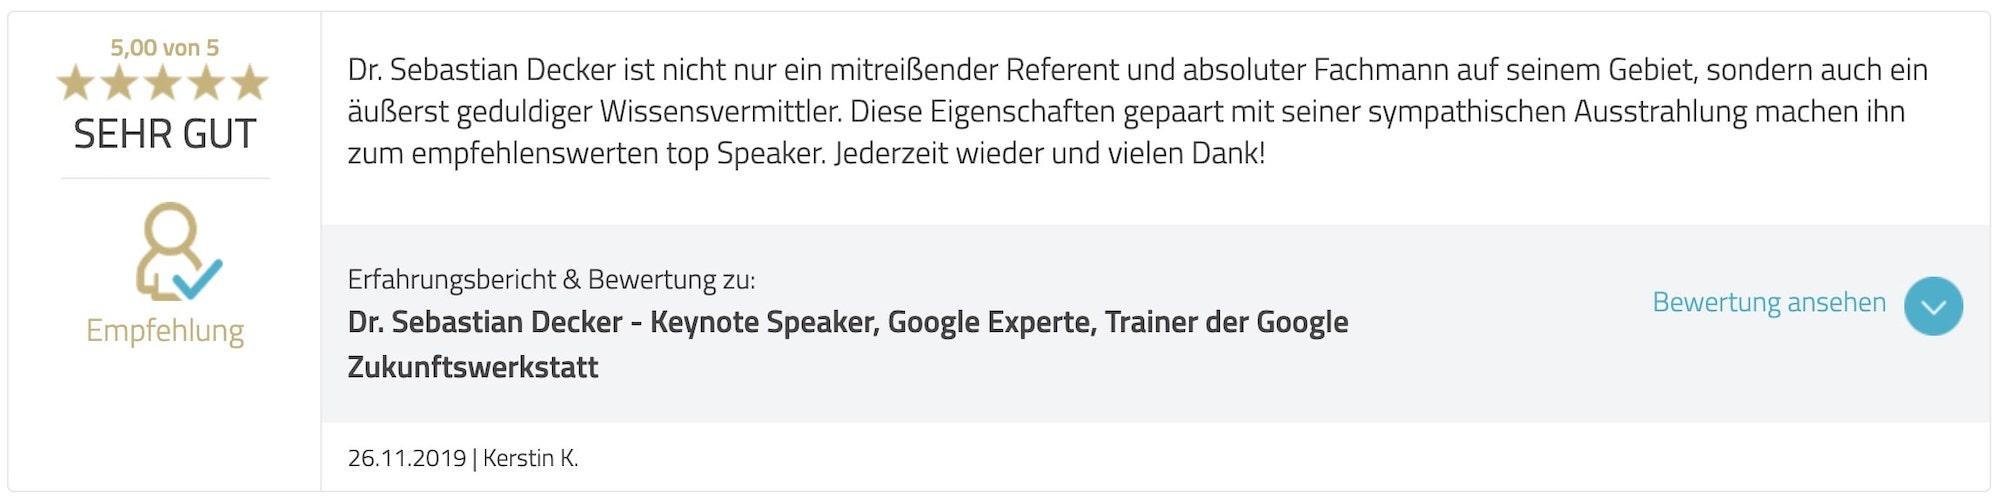 Bewertung Google Ads Academy Sebastian